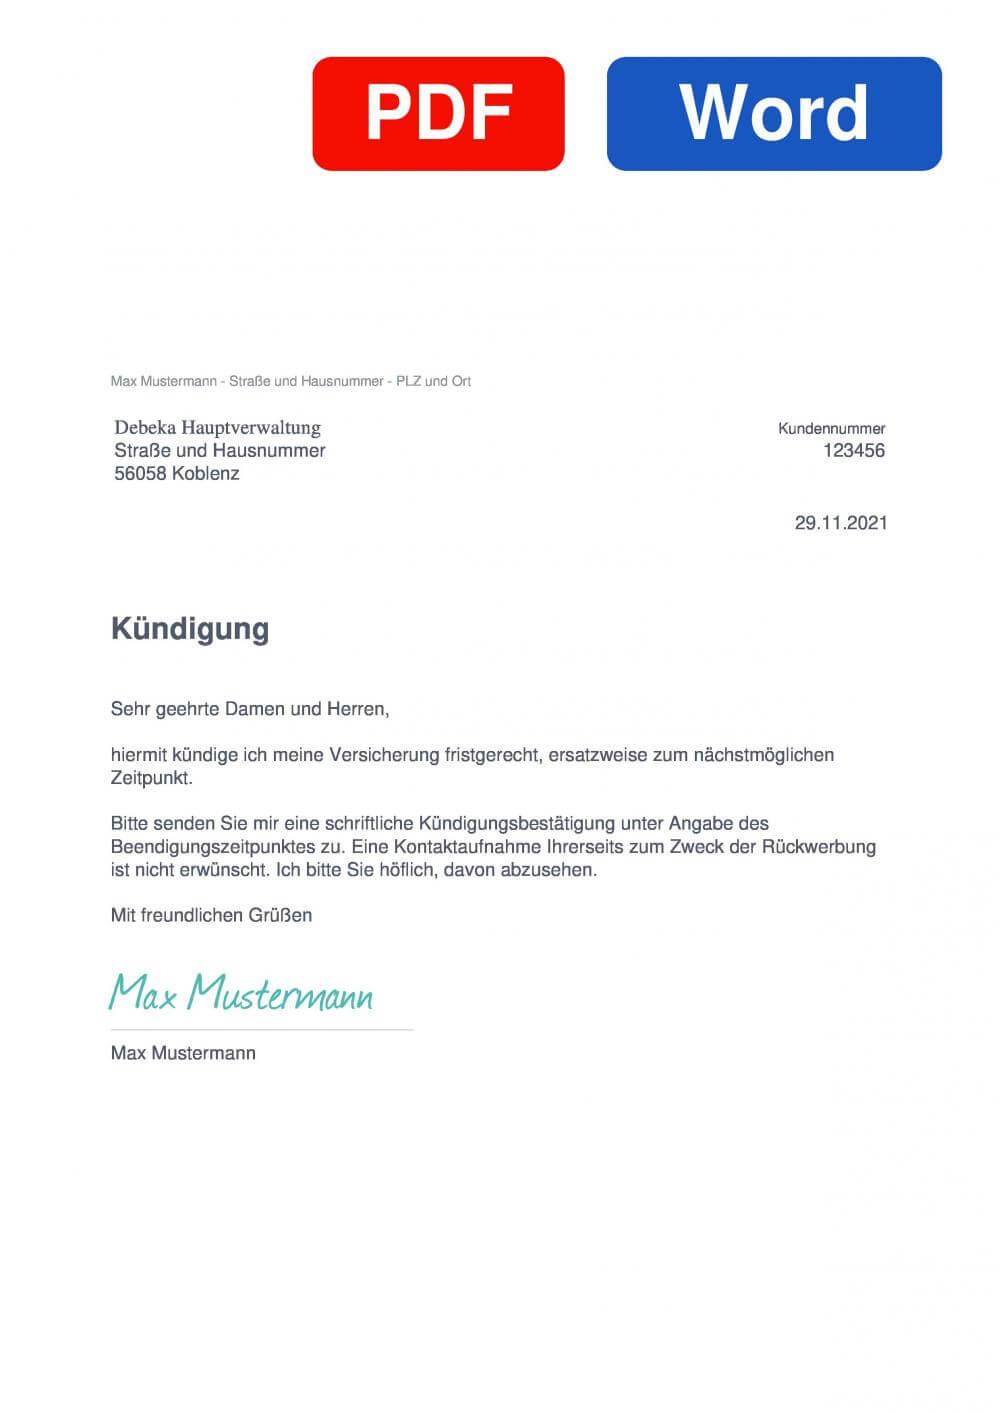 Debeka Rechtsschutzversicherung Muster Vorlage für Kündigungsschreiben